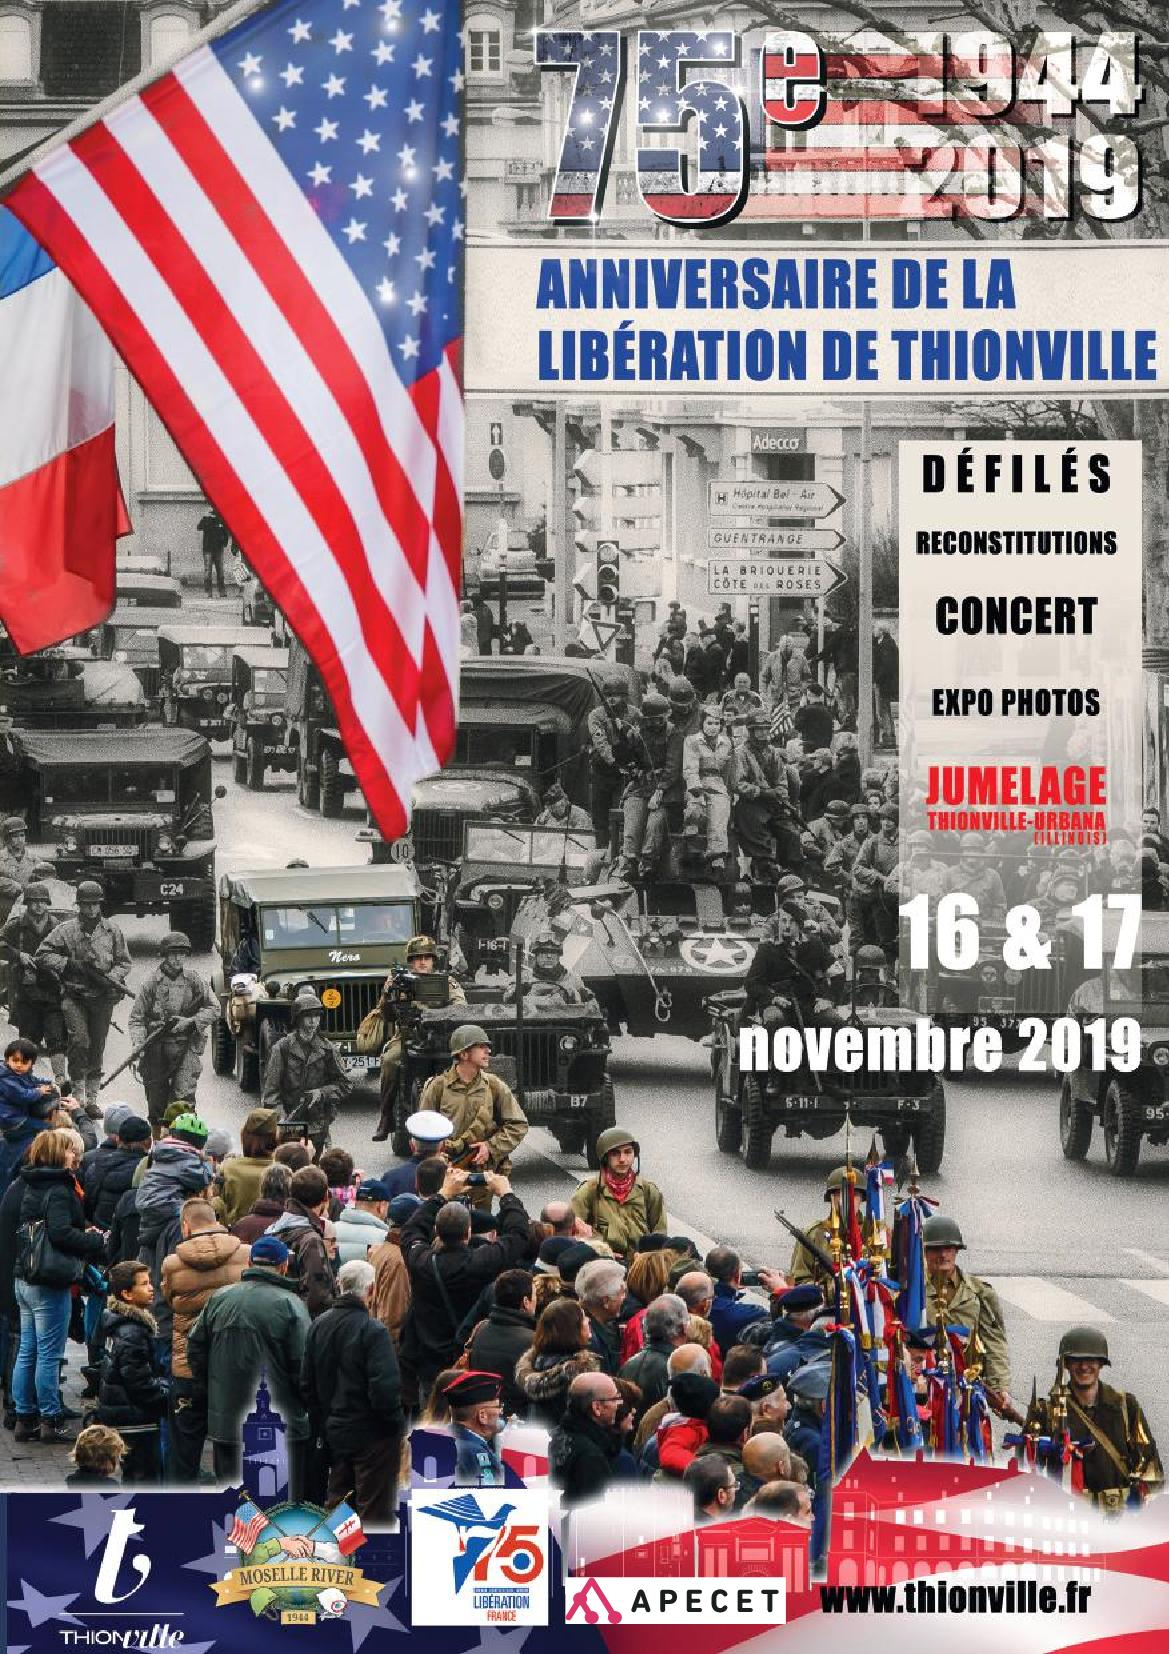 75e Anniversaire de la Libération de Thionville Programme